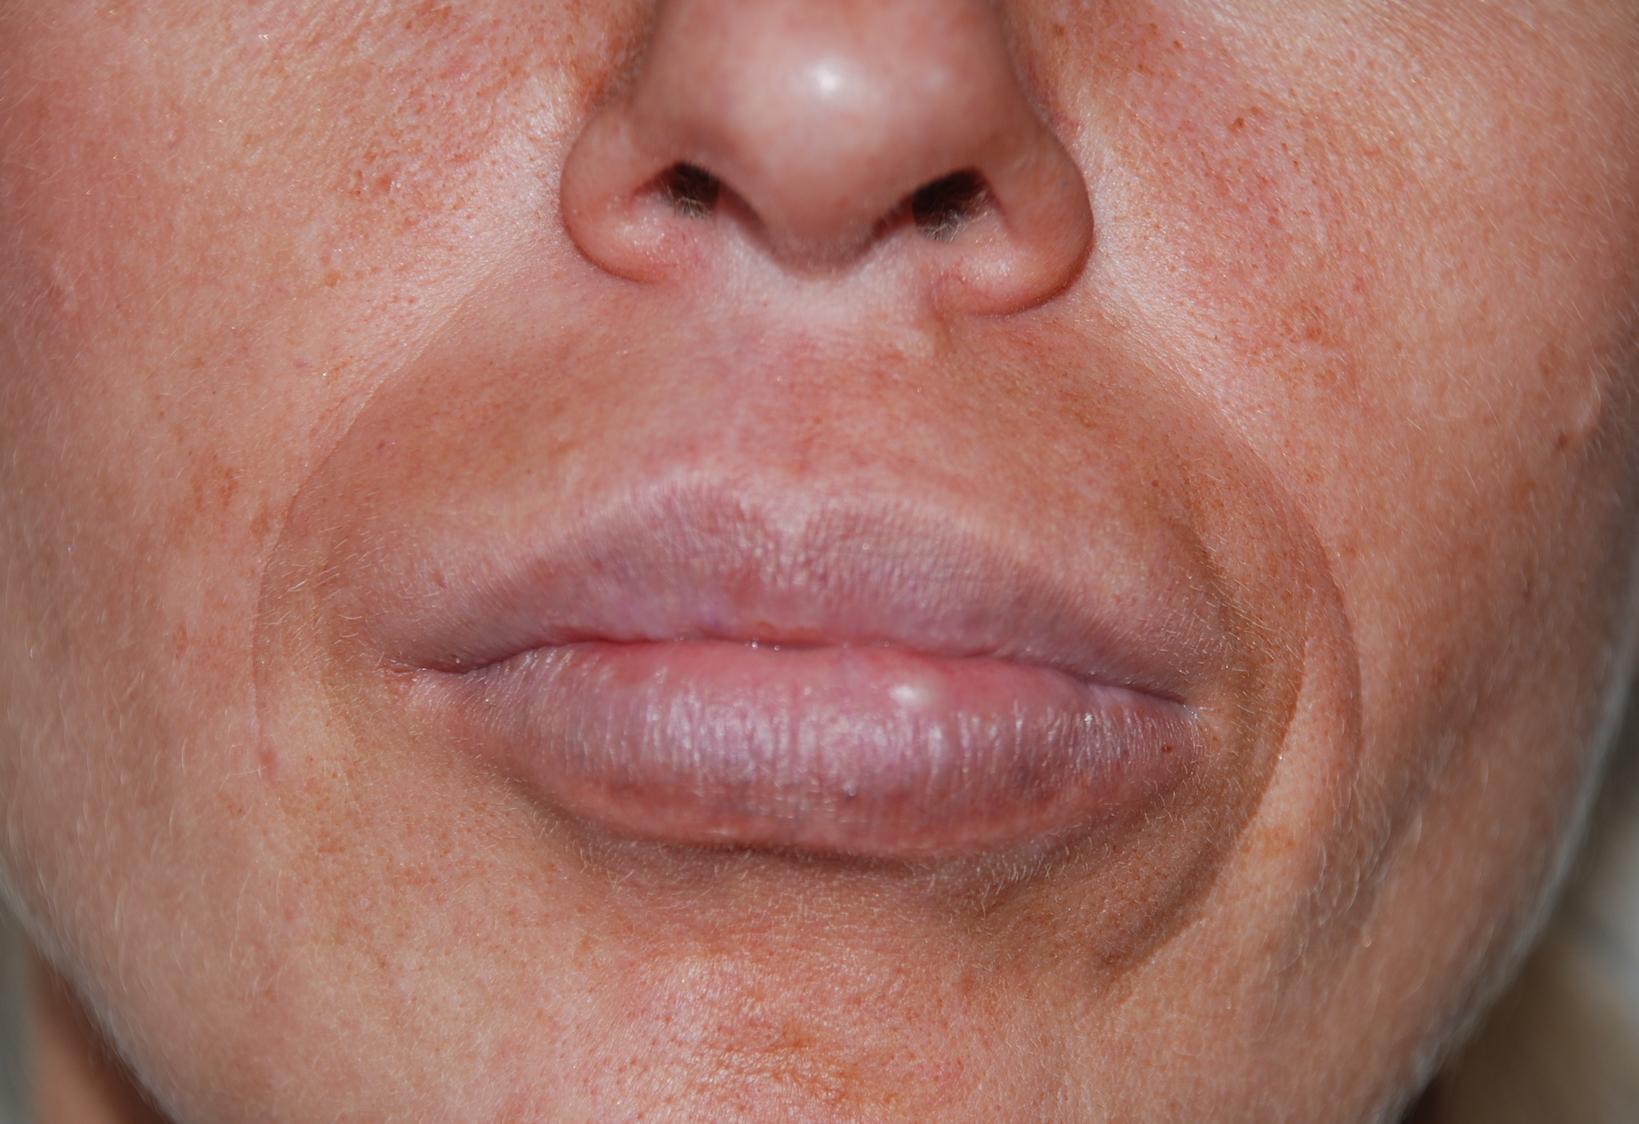 aquamid lip filler removal